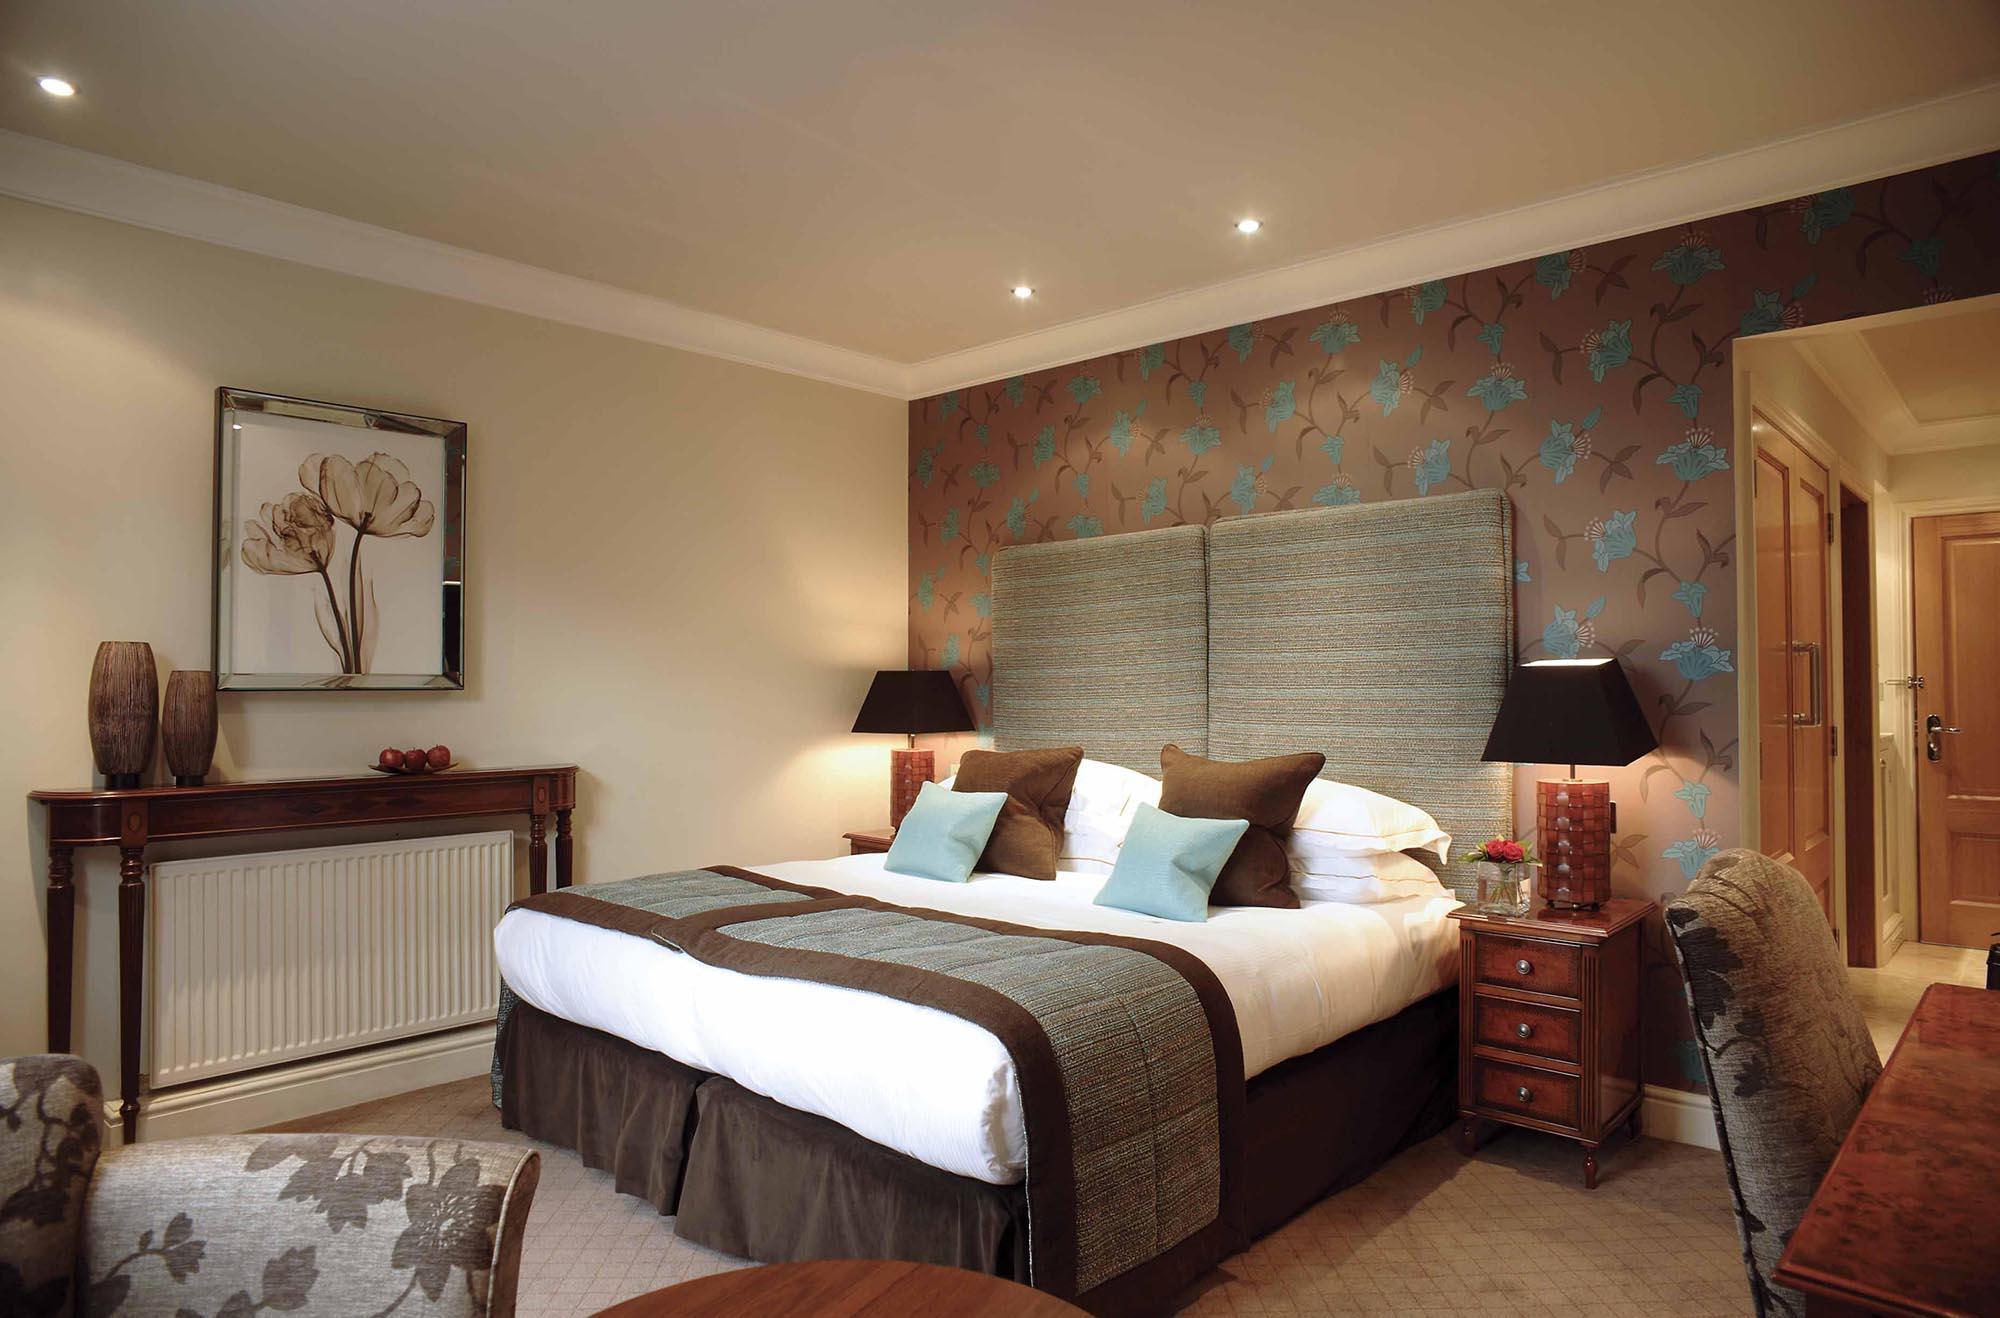 Большая спальня в бежево-коричневых тонах